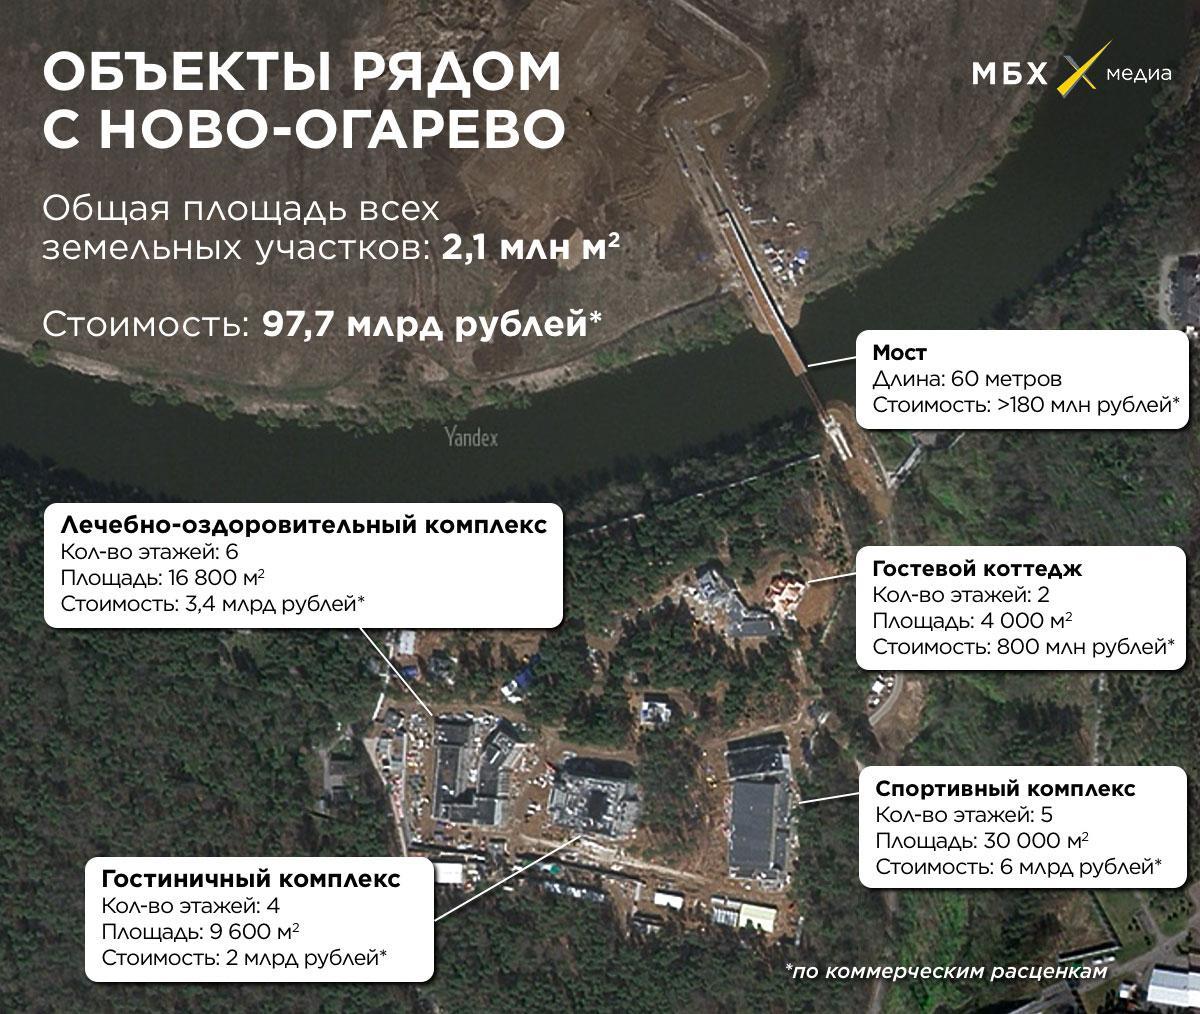 Цена строительства на тайном объекте / фото - mbk-news